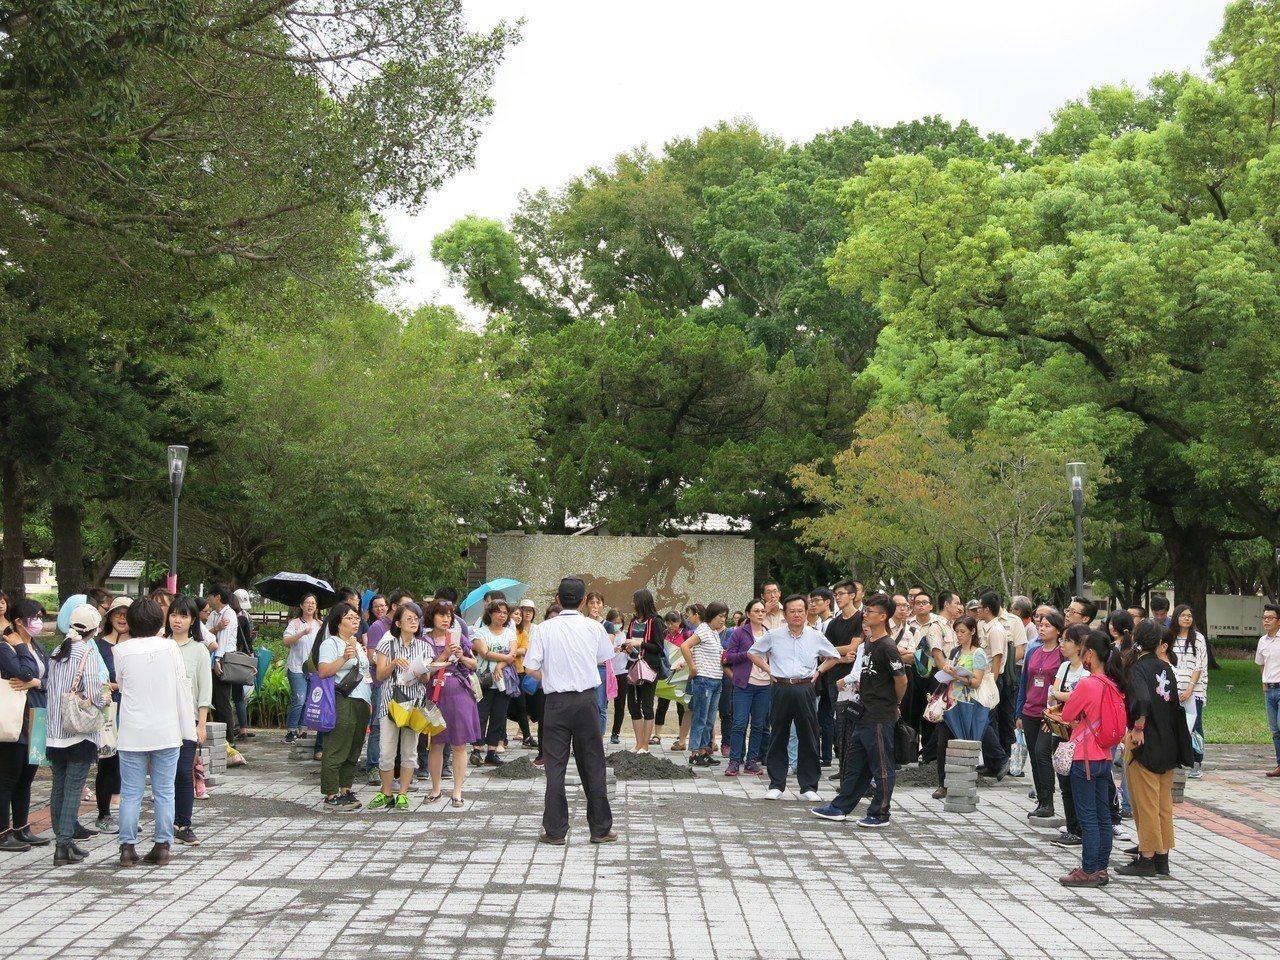 兼具歷史及台灣花卉技術的后里馬場,將是今年台中花博最熱門的園區。記者黑中亮/攝影